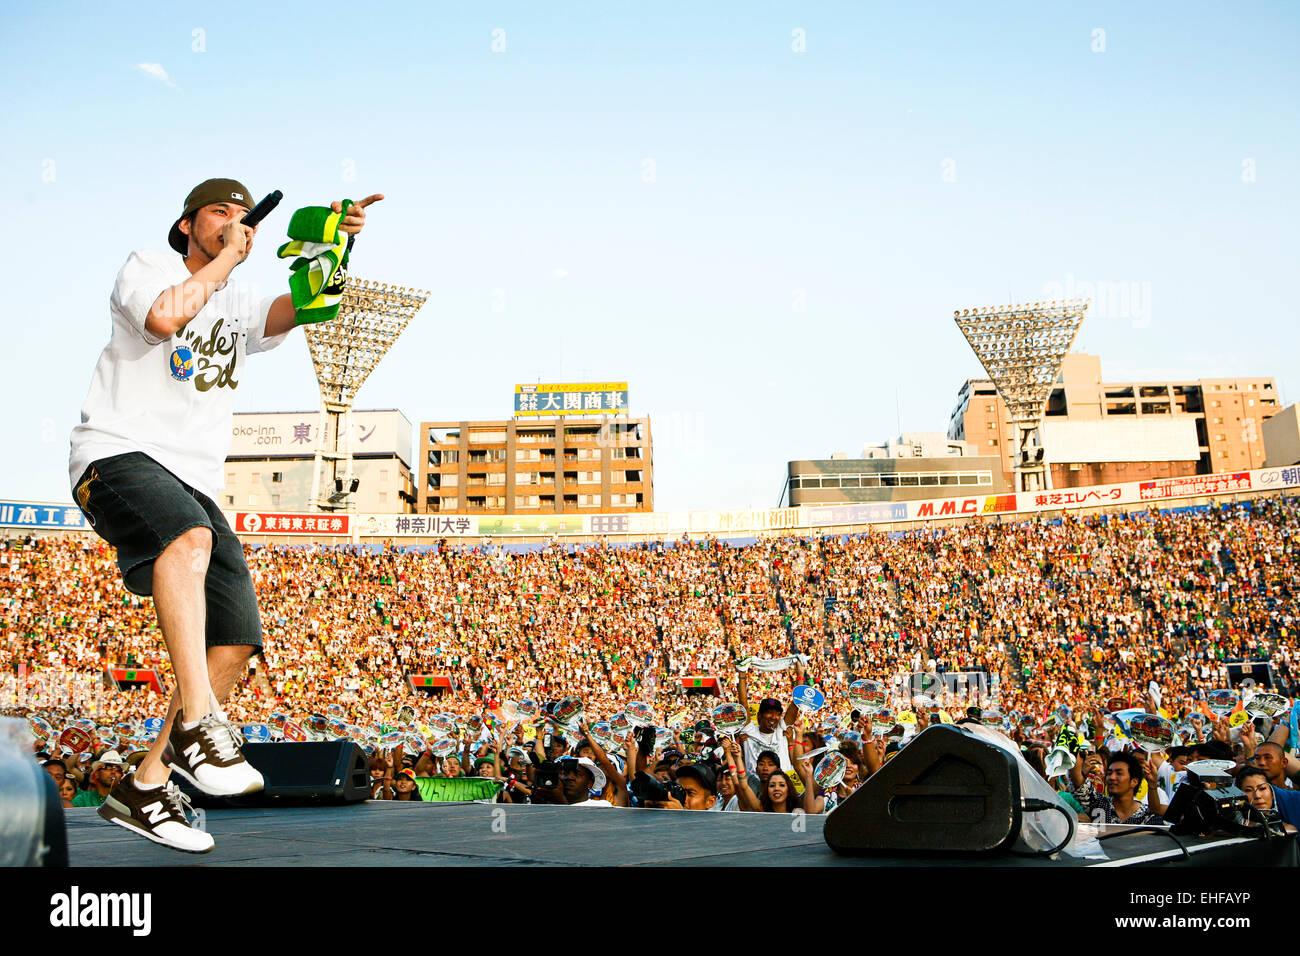 Ryo die Skywalker Leben auf mächtigen Krone Stadion Veranstaltung in Yokohama Japan August 2008. Stockbild